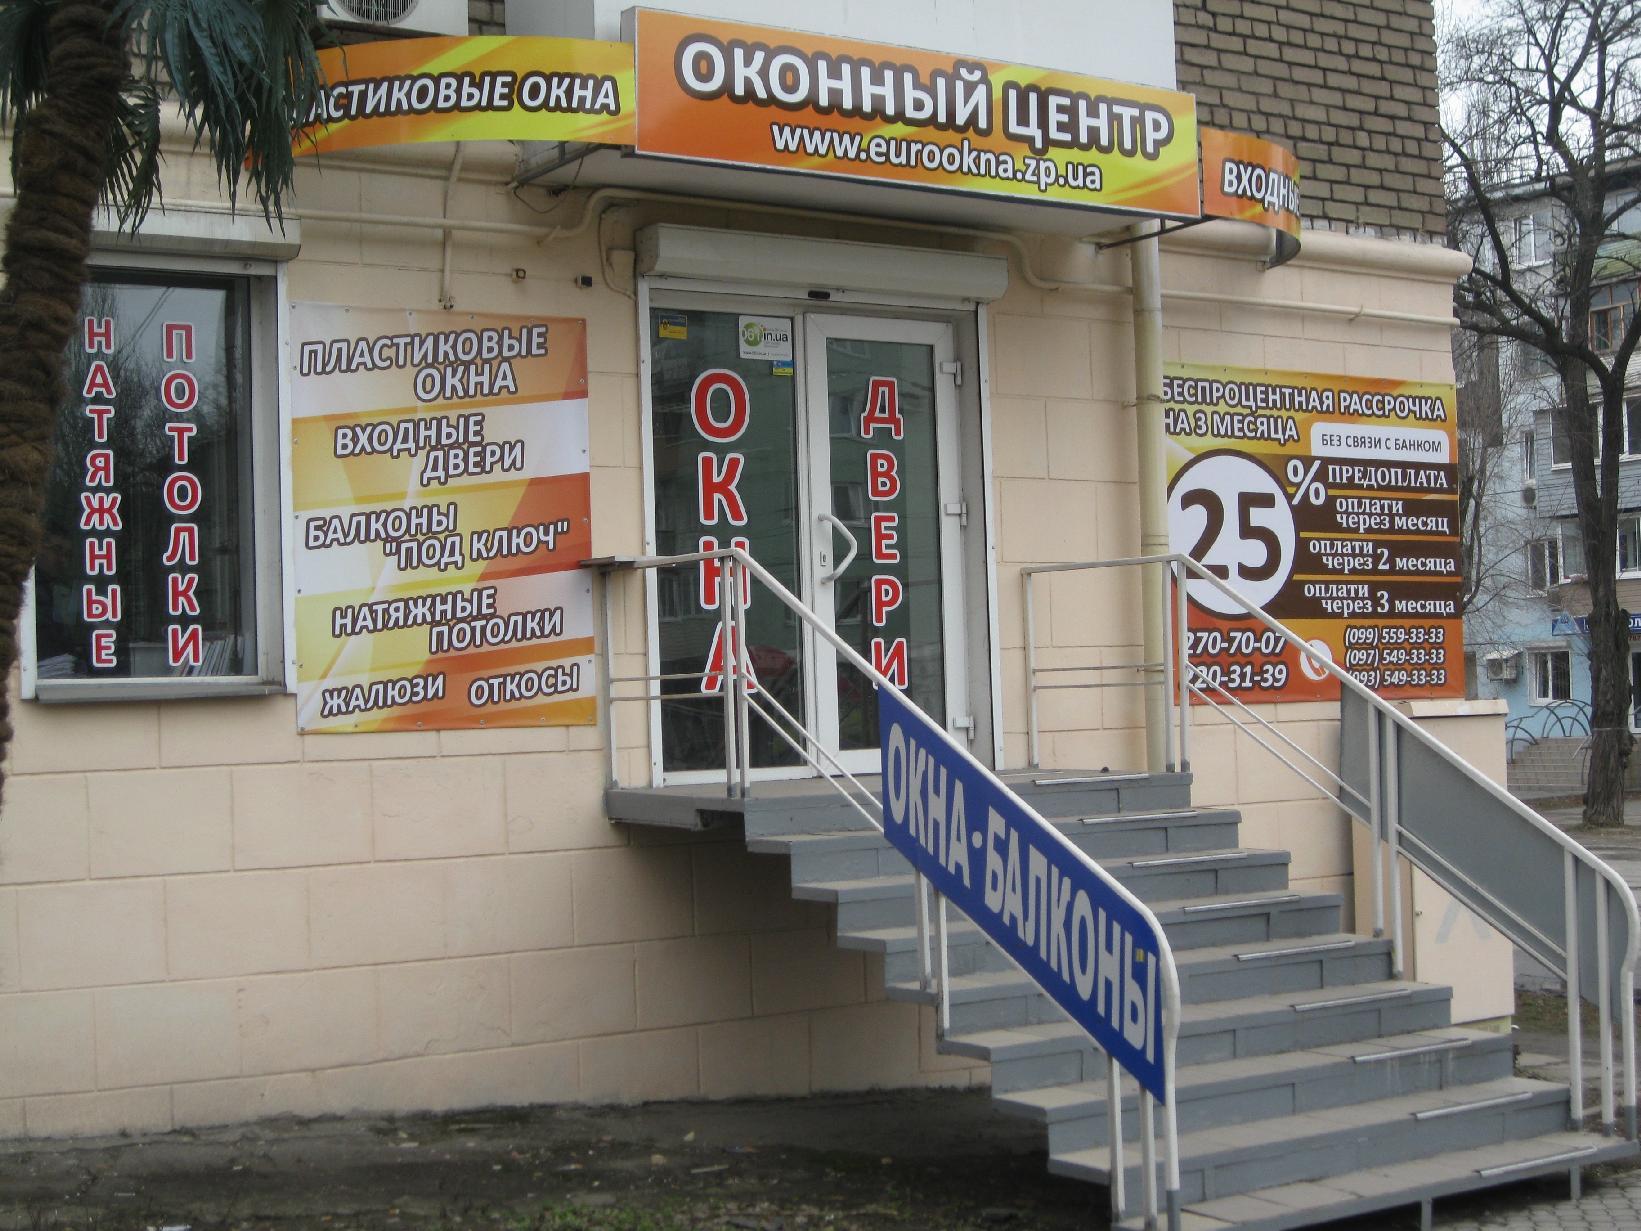 Фото центрального входу пр. Леніна 99